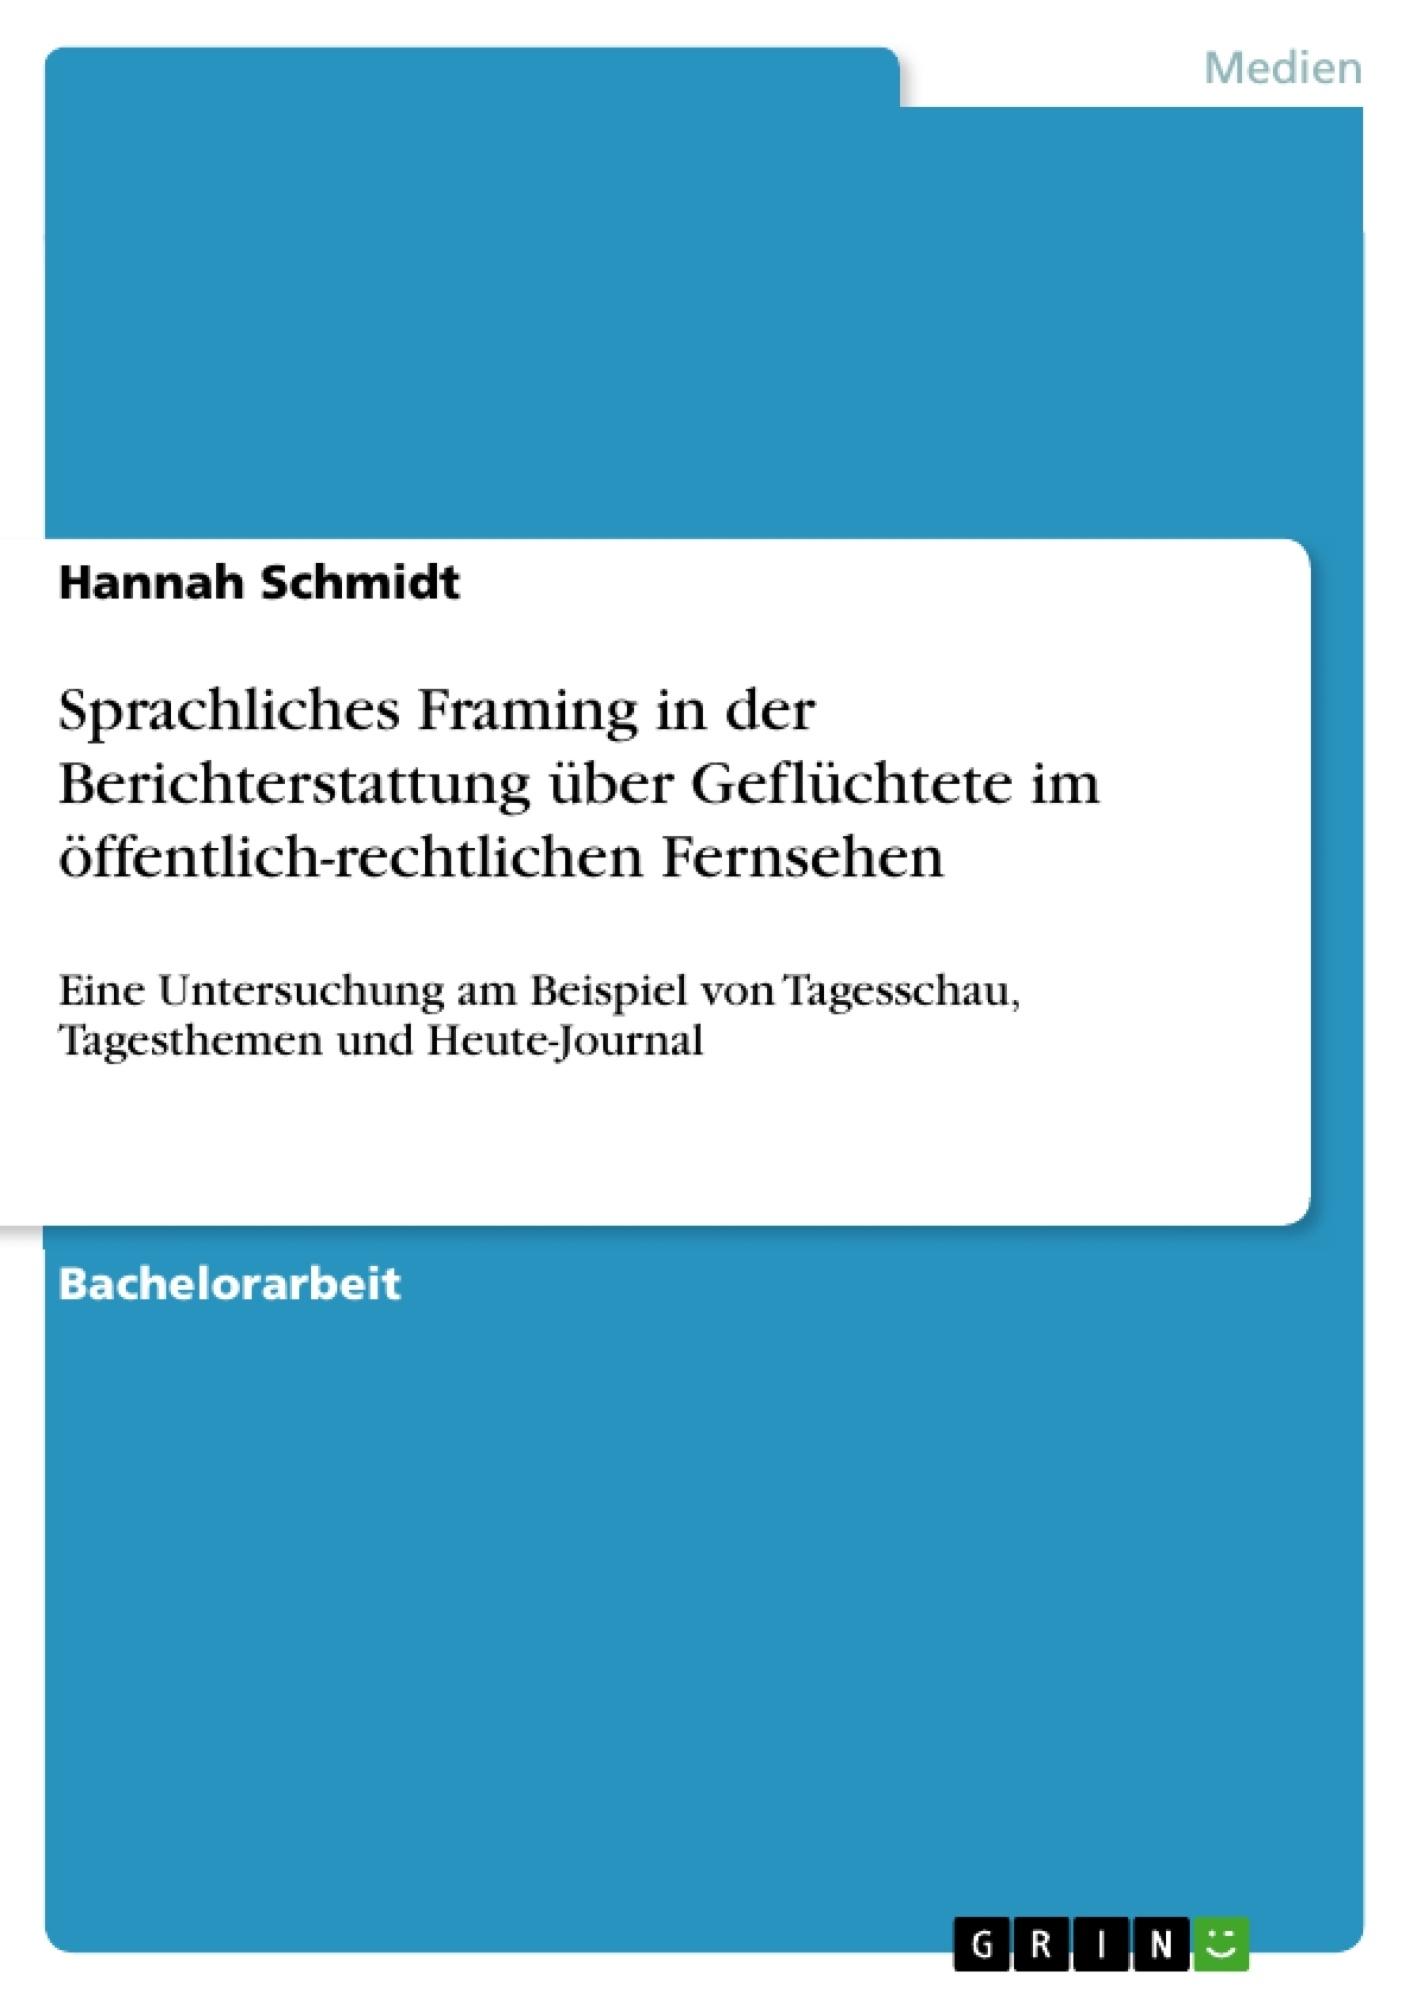 Titel: Sprachliches Framing in der Berichterstattung über Geflüchtete im öffentlich-rechtlichen Fernsehen. Bedeutung im Kontext des Friedensjournalismus-Modells nach Nadine Bilke